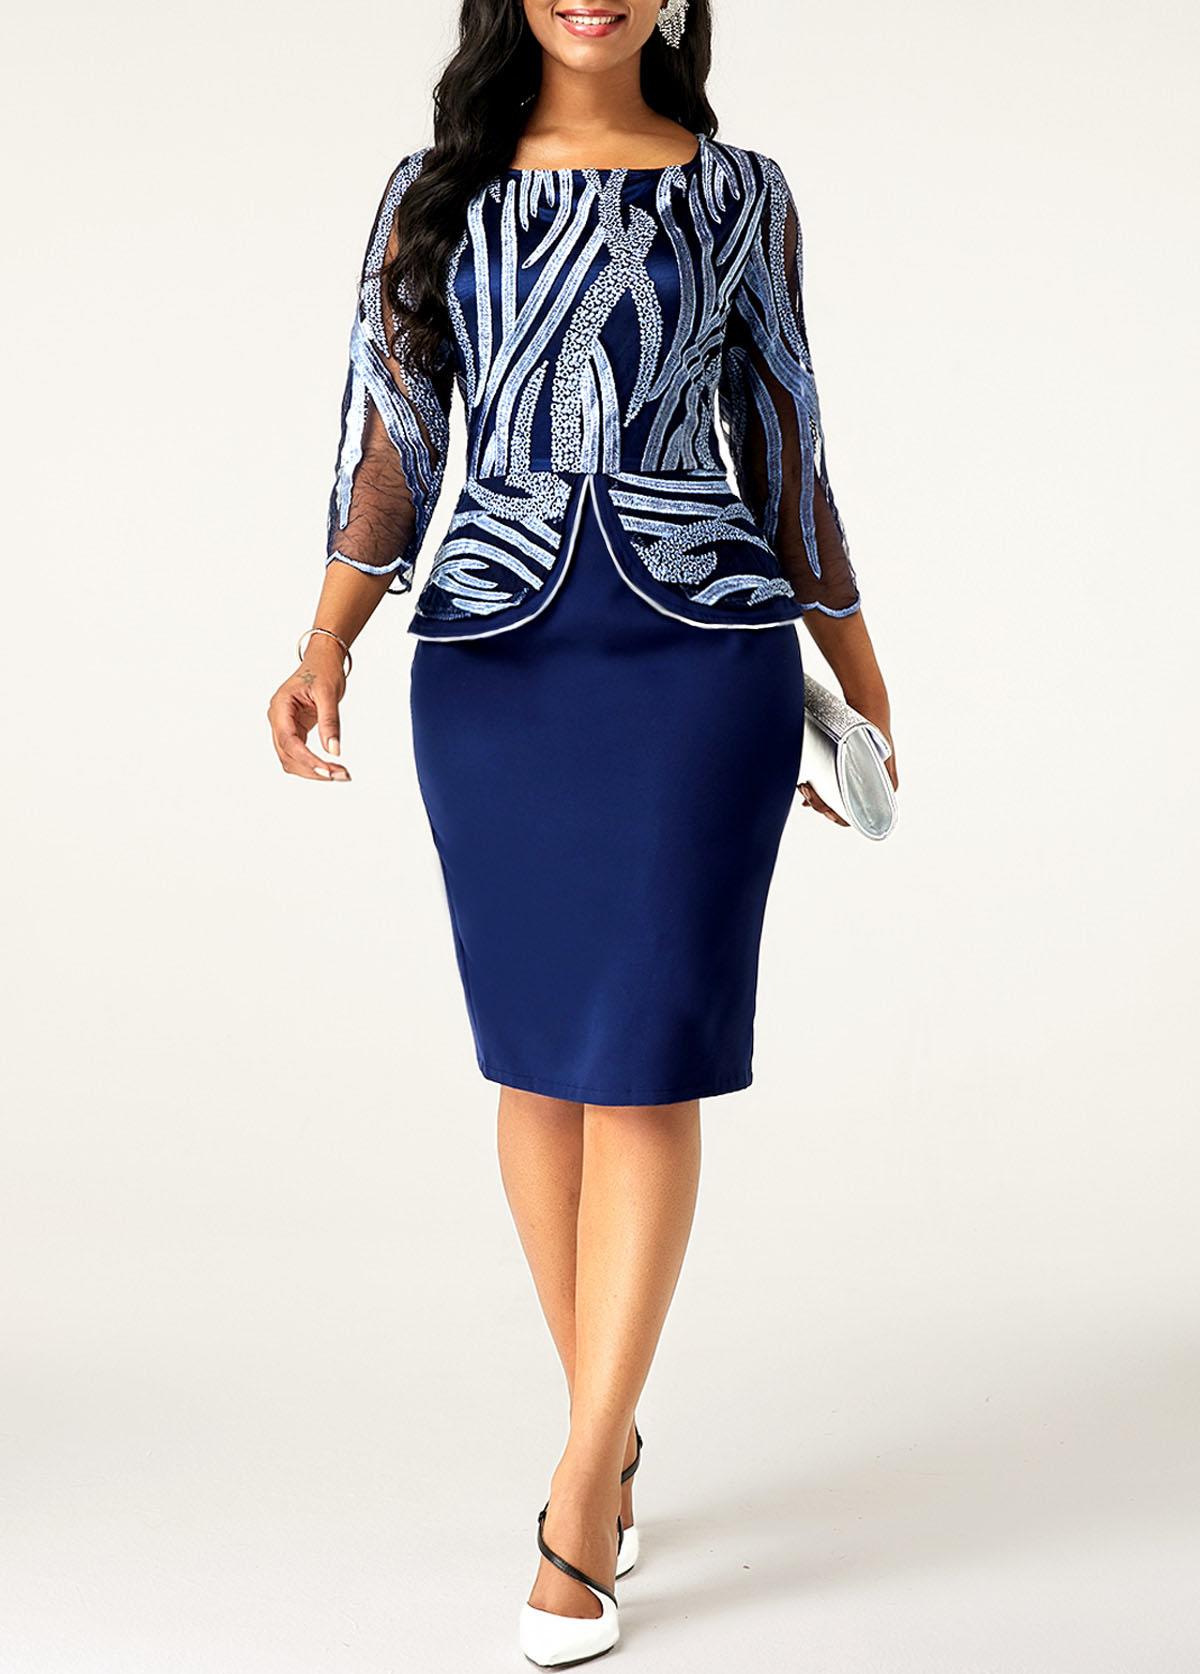 ROTITA Boat Neck Lace Stitching 3/4 Sleeve Dress